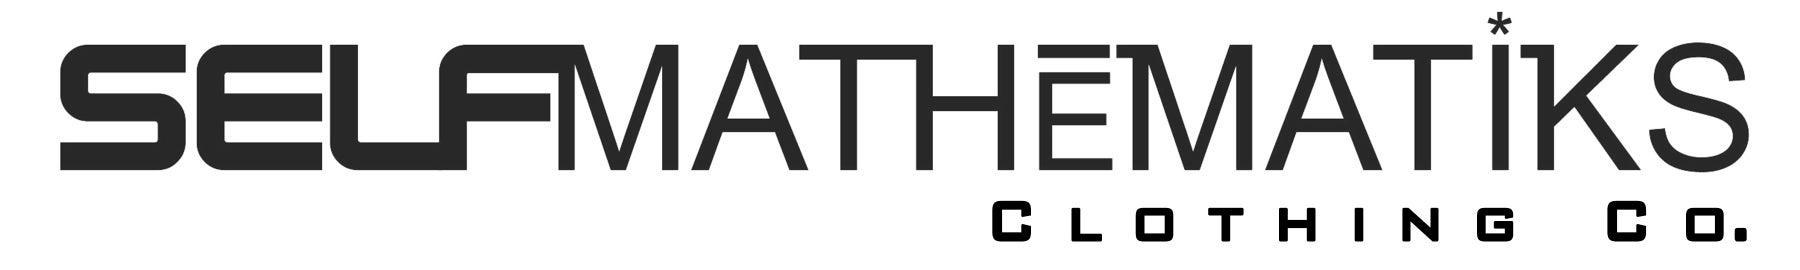 SELFMATHEMATIKS Clothing Co.